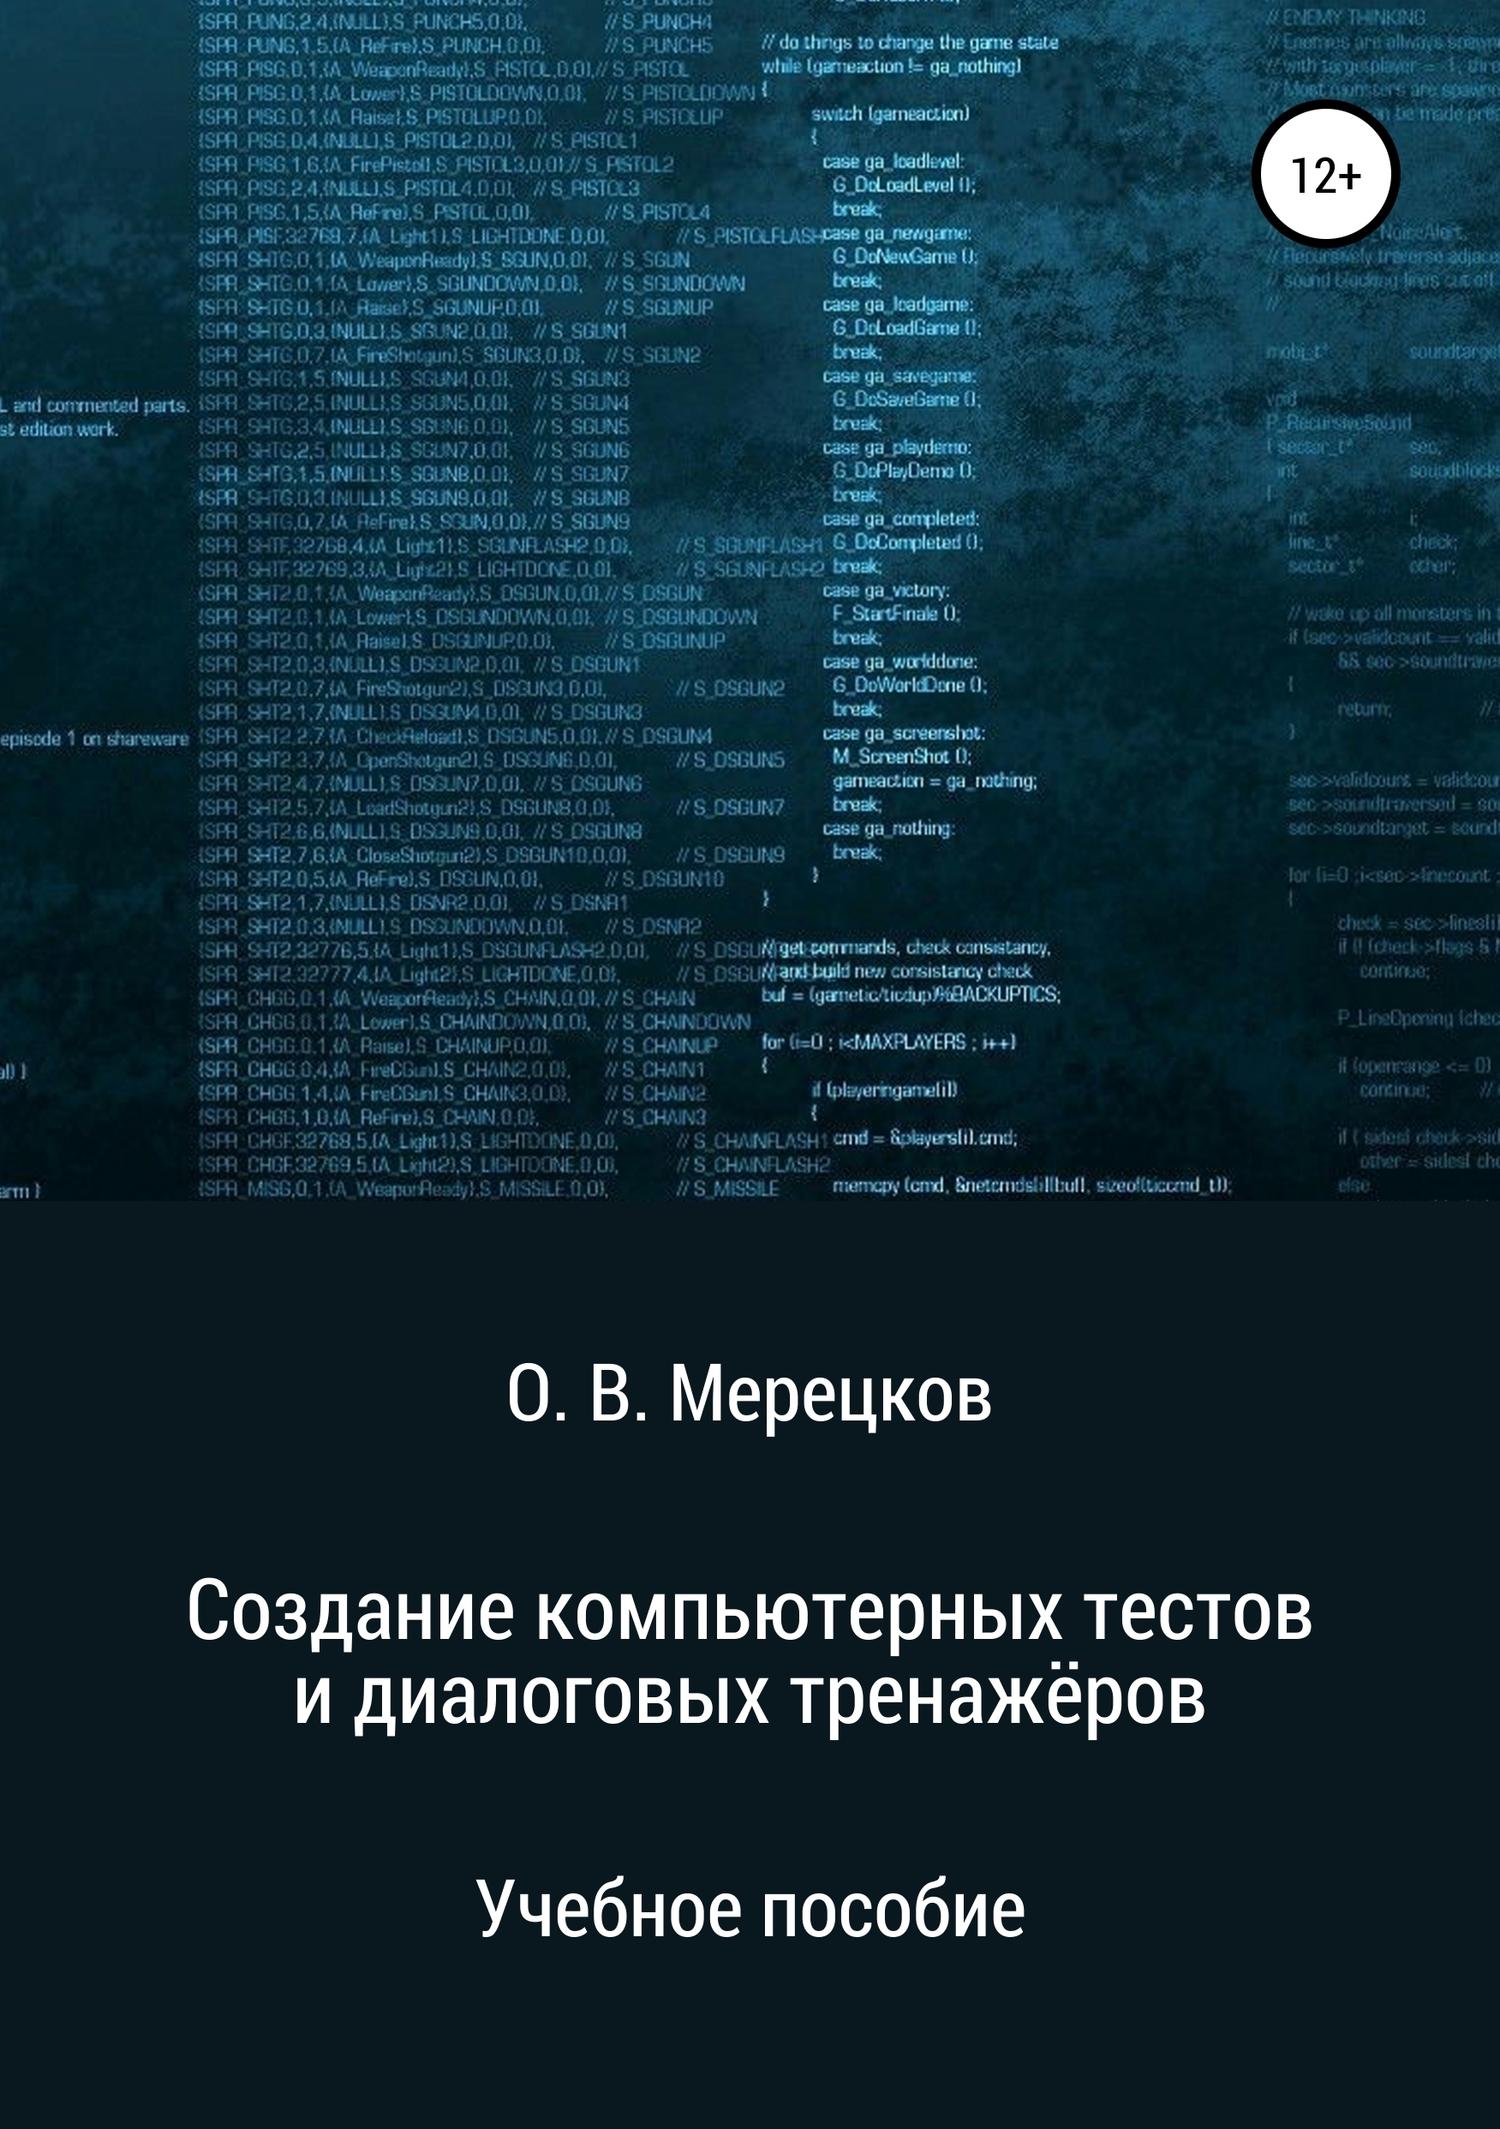 Создание компьютерных тестов и диалоговых тренажёров